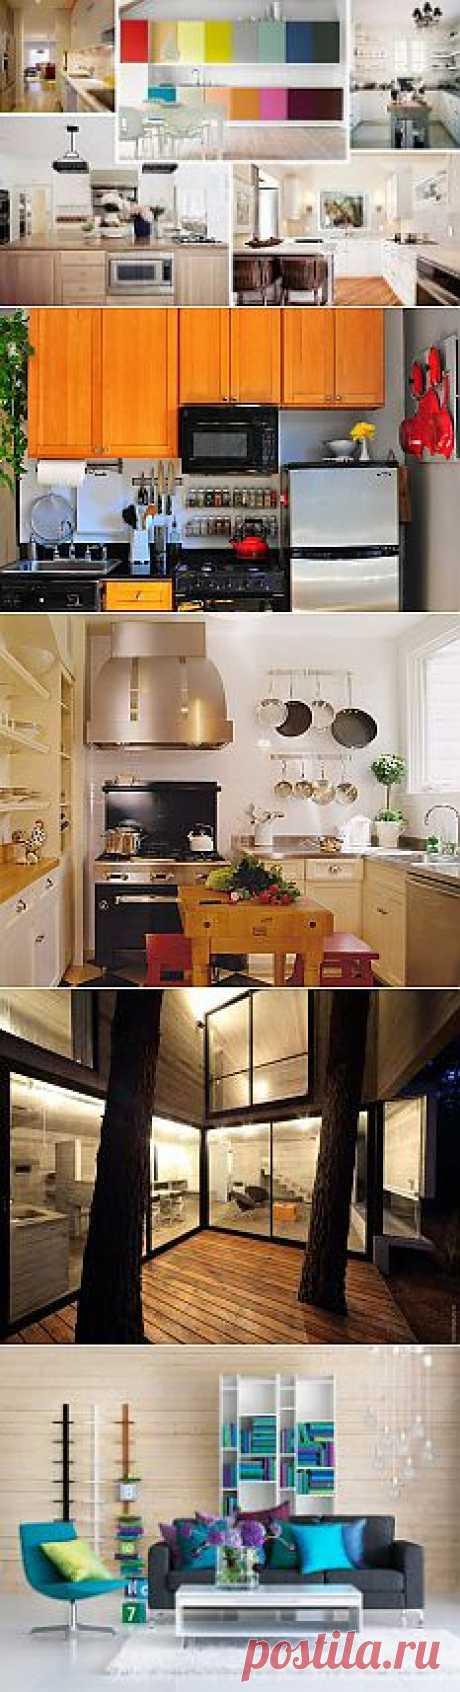 Практичные идеи для маленьких кухонь (Часть 1) | Интерьер и Дизайн